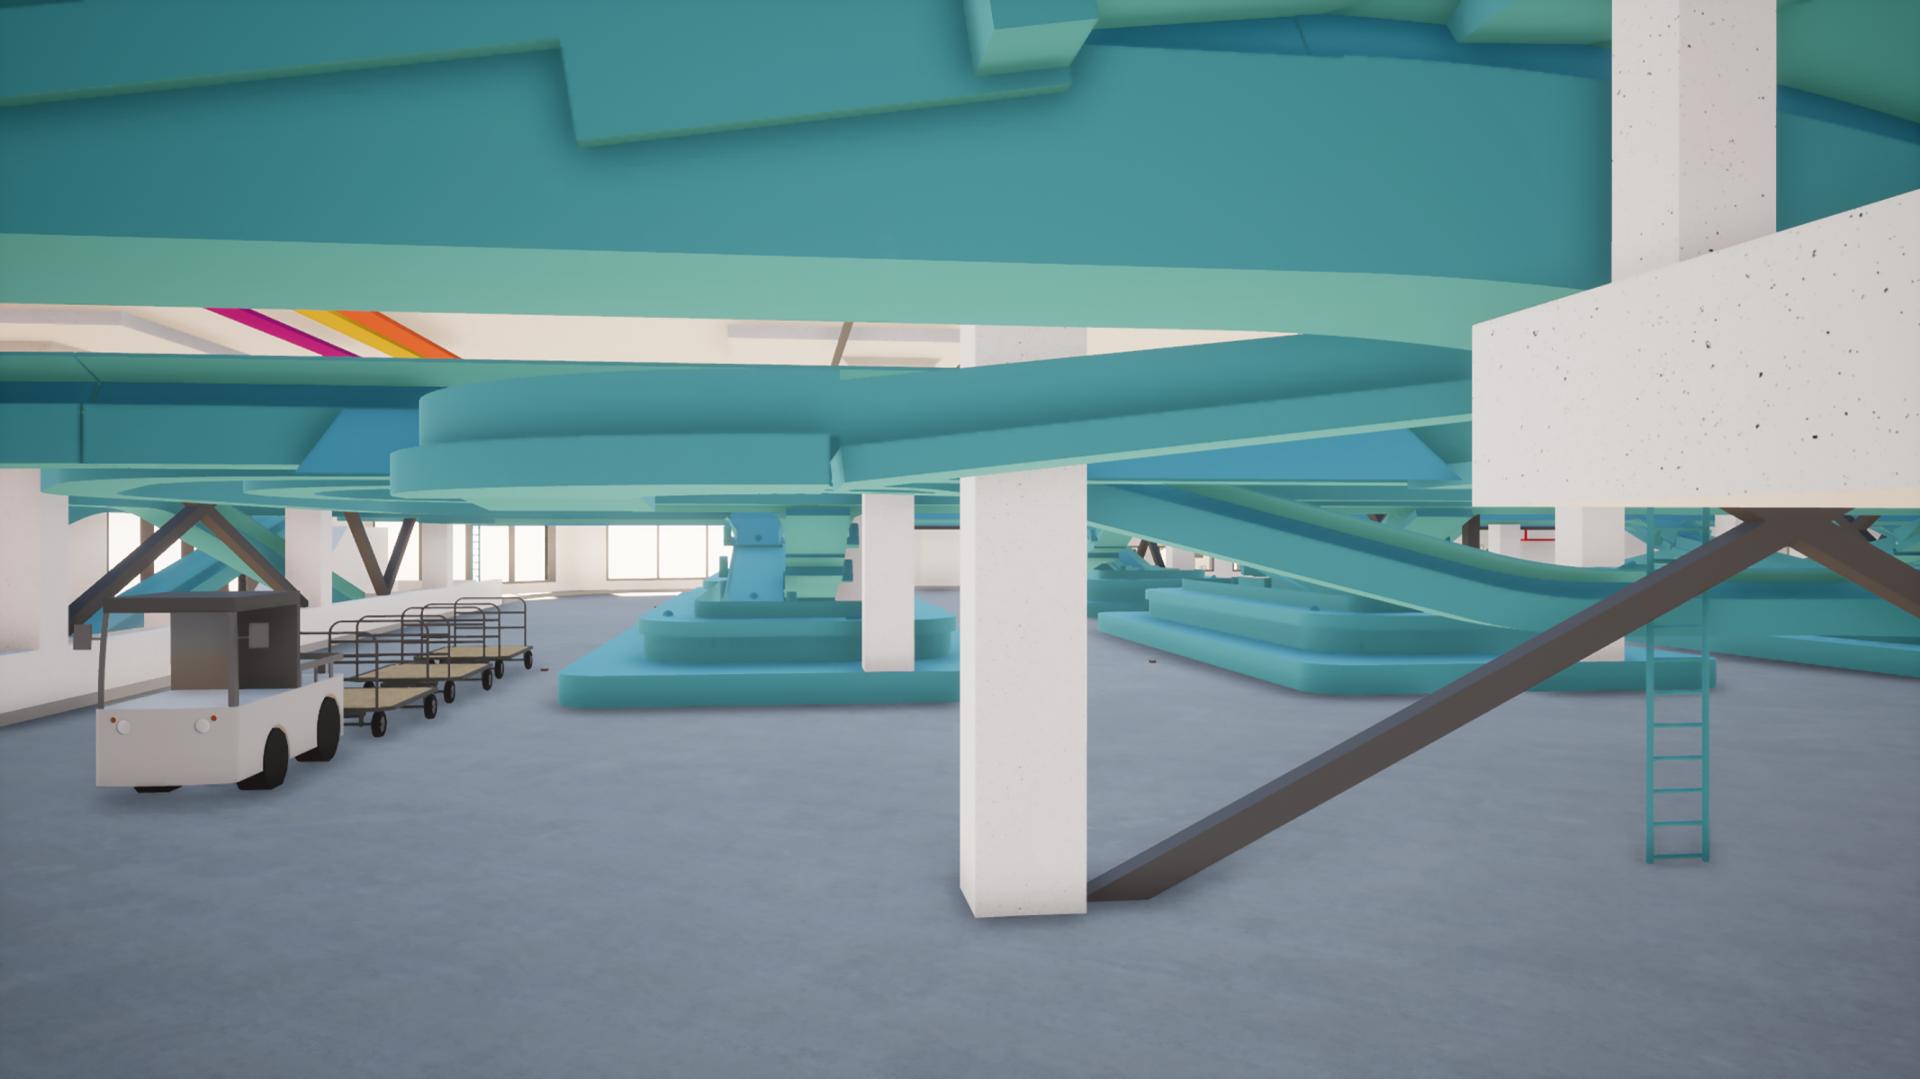 Flughafen Zürich, Zone A Gepäcksortierungsanlage (P16AA004